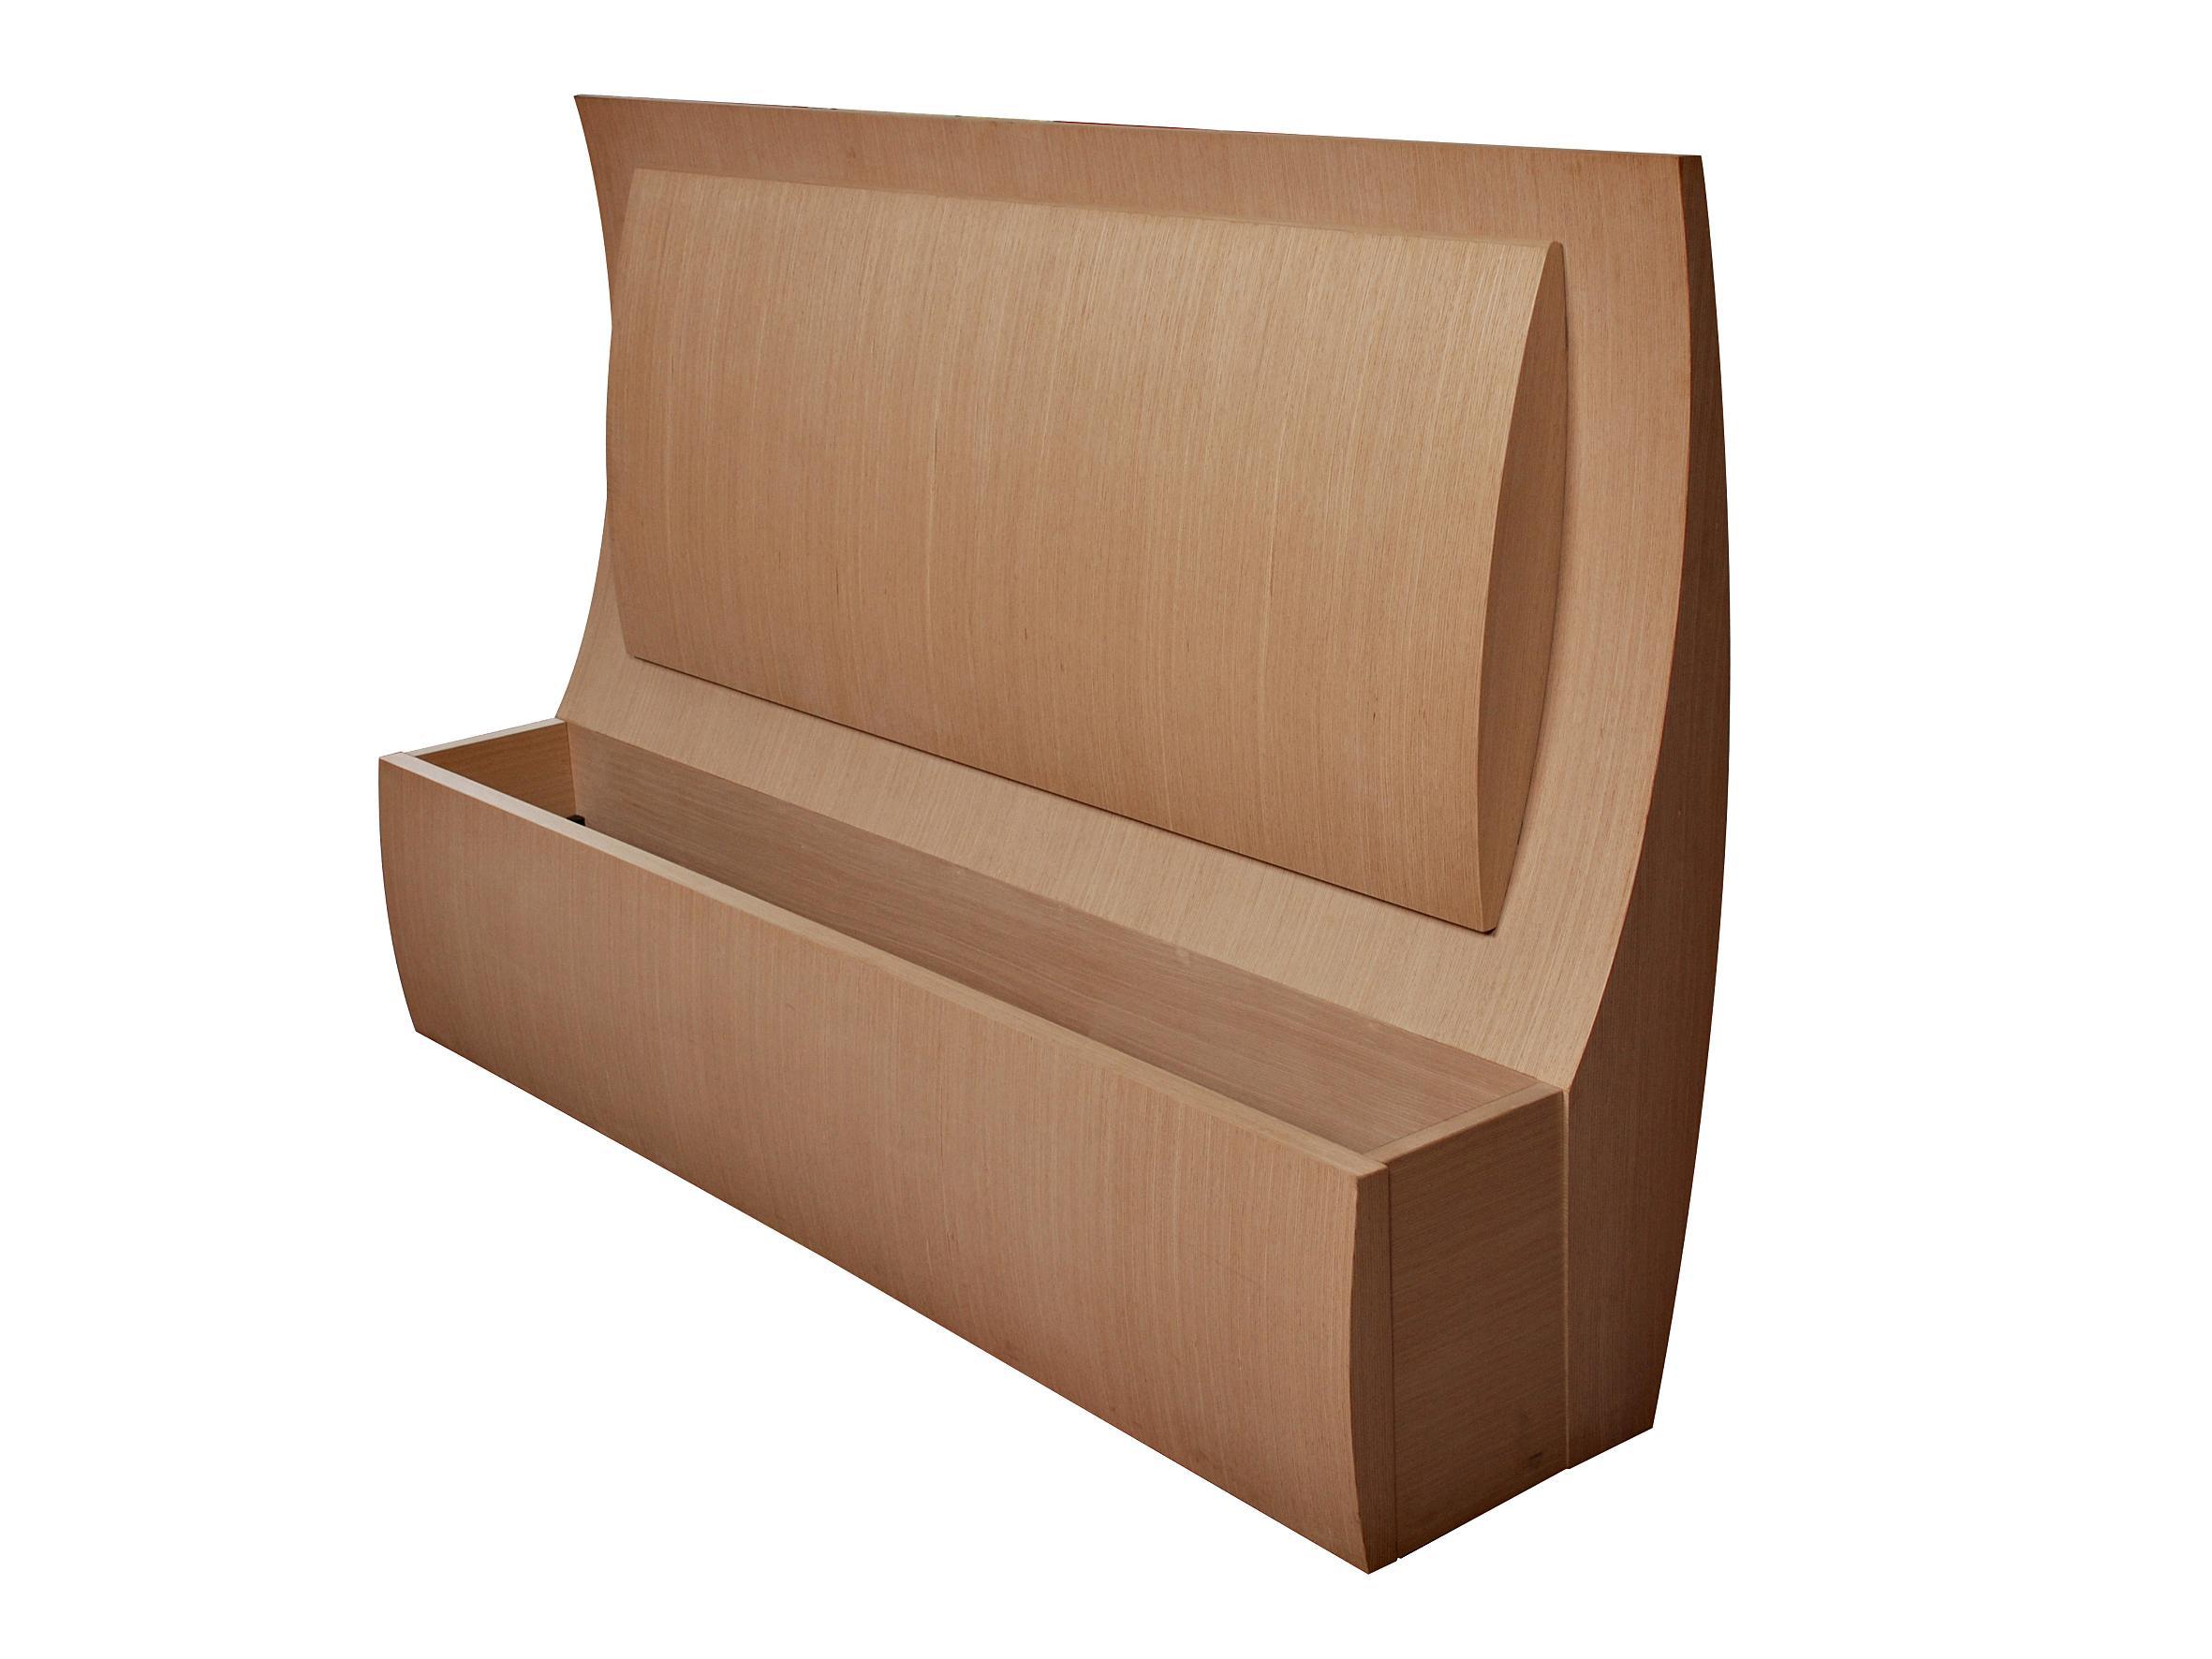 moulures pour meubles contreplaqu. Black Bedroom Furniture Sets. Home Design Ideas